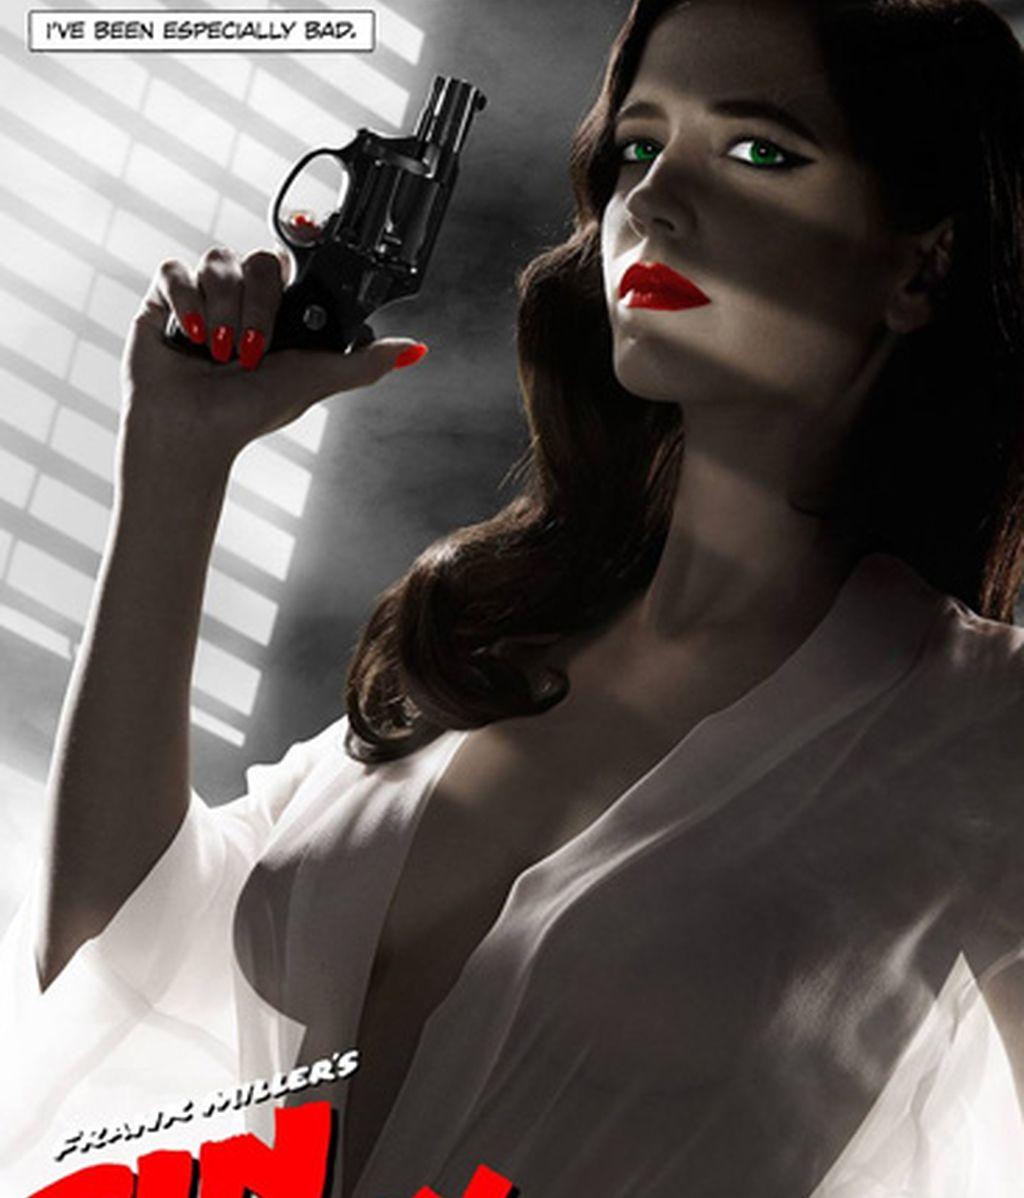 El cartel de Eva Grenn semidesnuda en 'Sin City', censurado en EEUU